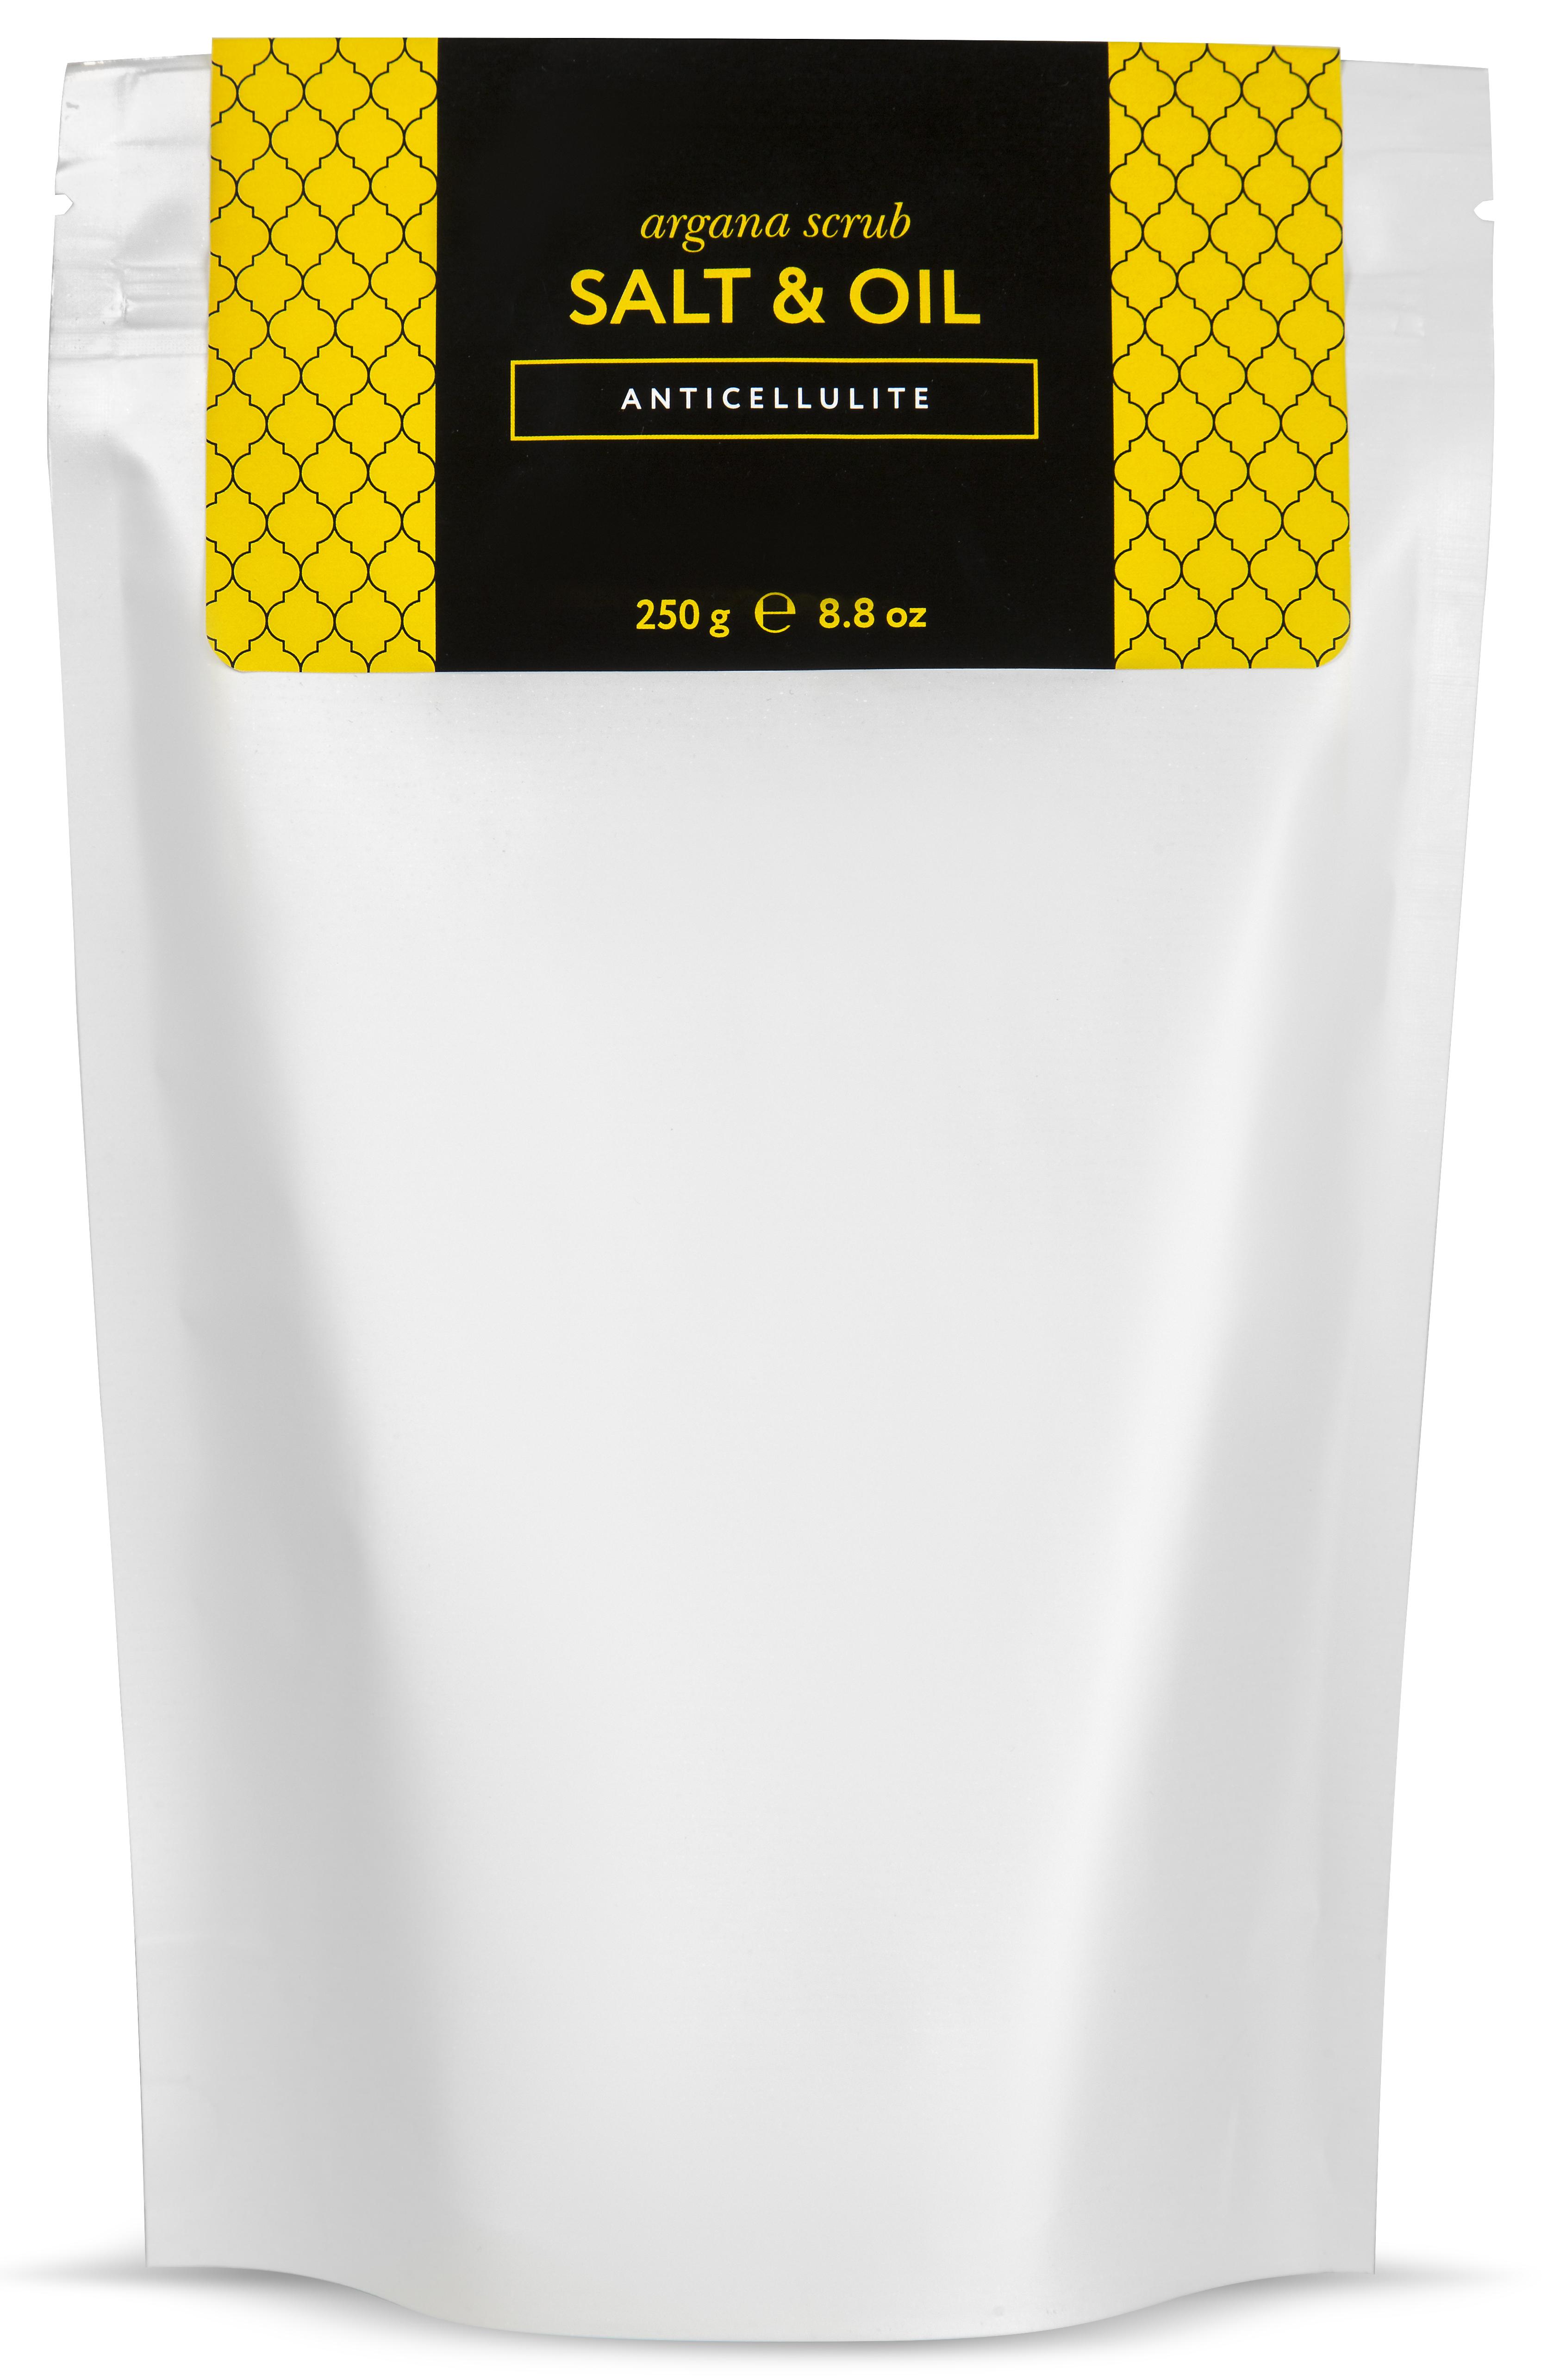 HUILARGAN Скраб аргановый солевой для тела, антицеллюлит 250 г